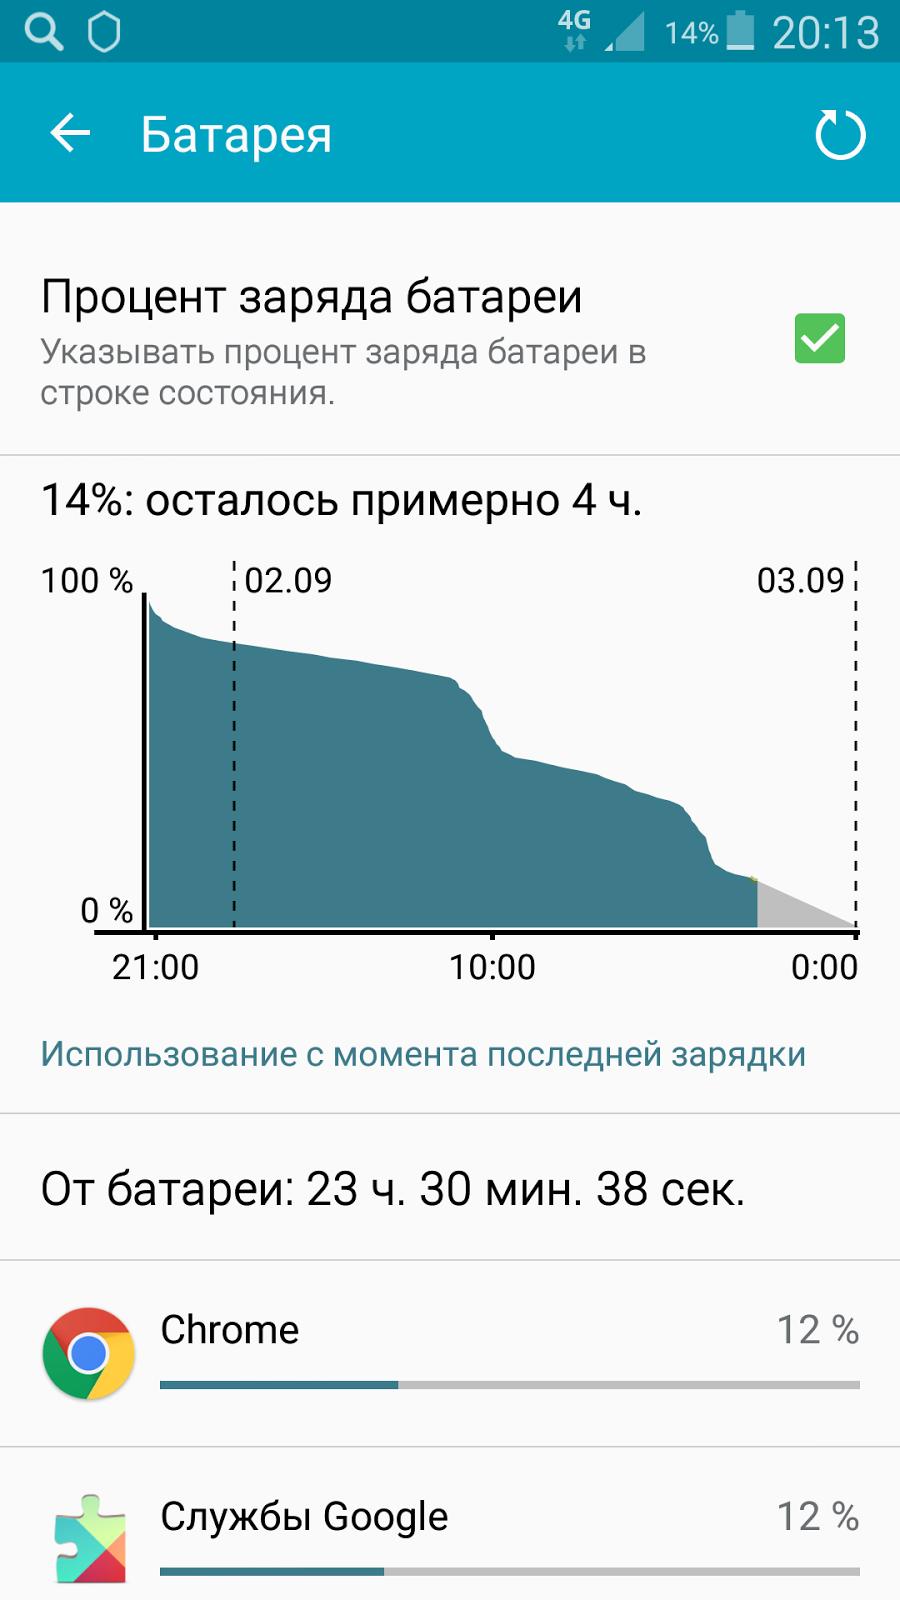 Обзор аккумулятора повышенной ёмкости для Samsung Galaxy S5 - 13